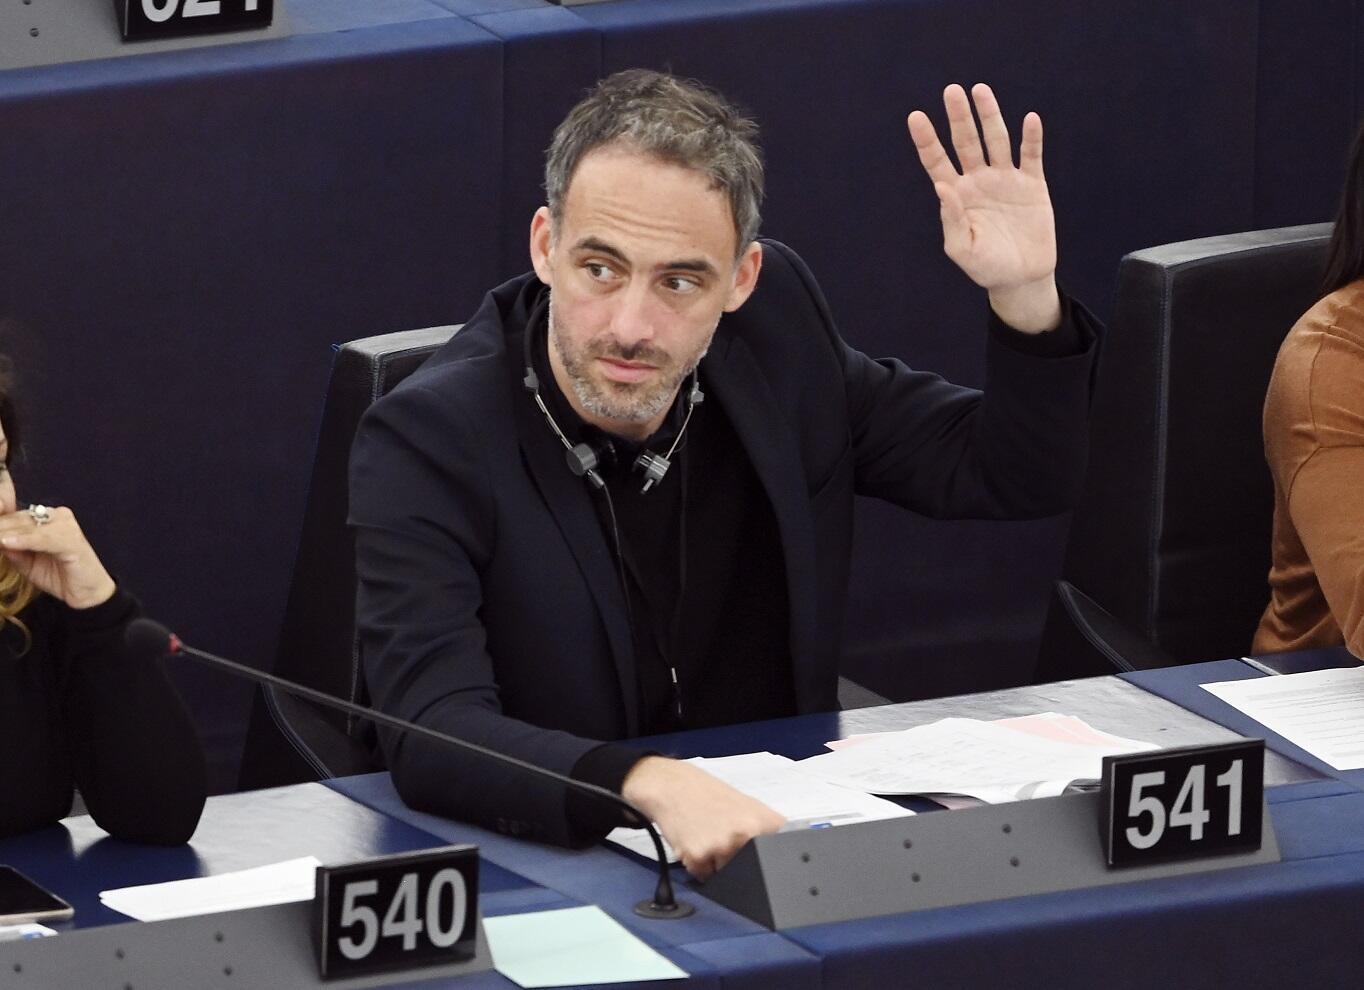 Raphaël Glucksmann lors d'une session plénière au Parlement européen à Strasbourg, le 28 novembre 2019.